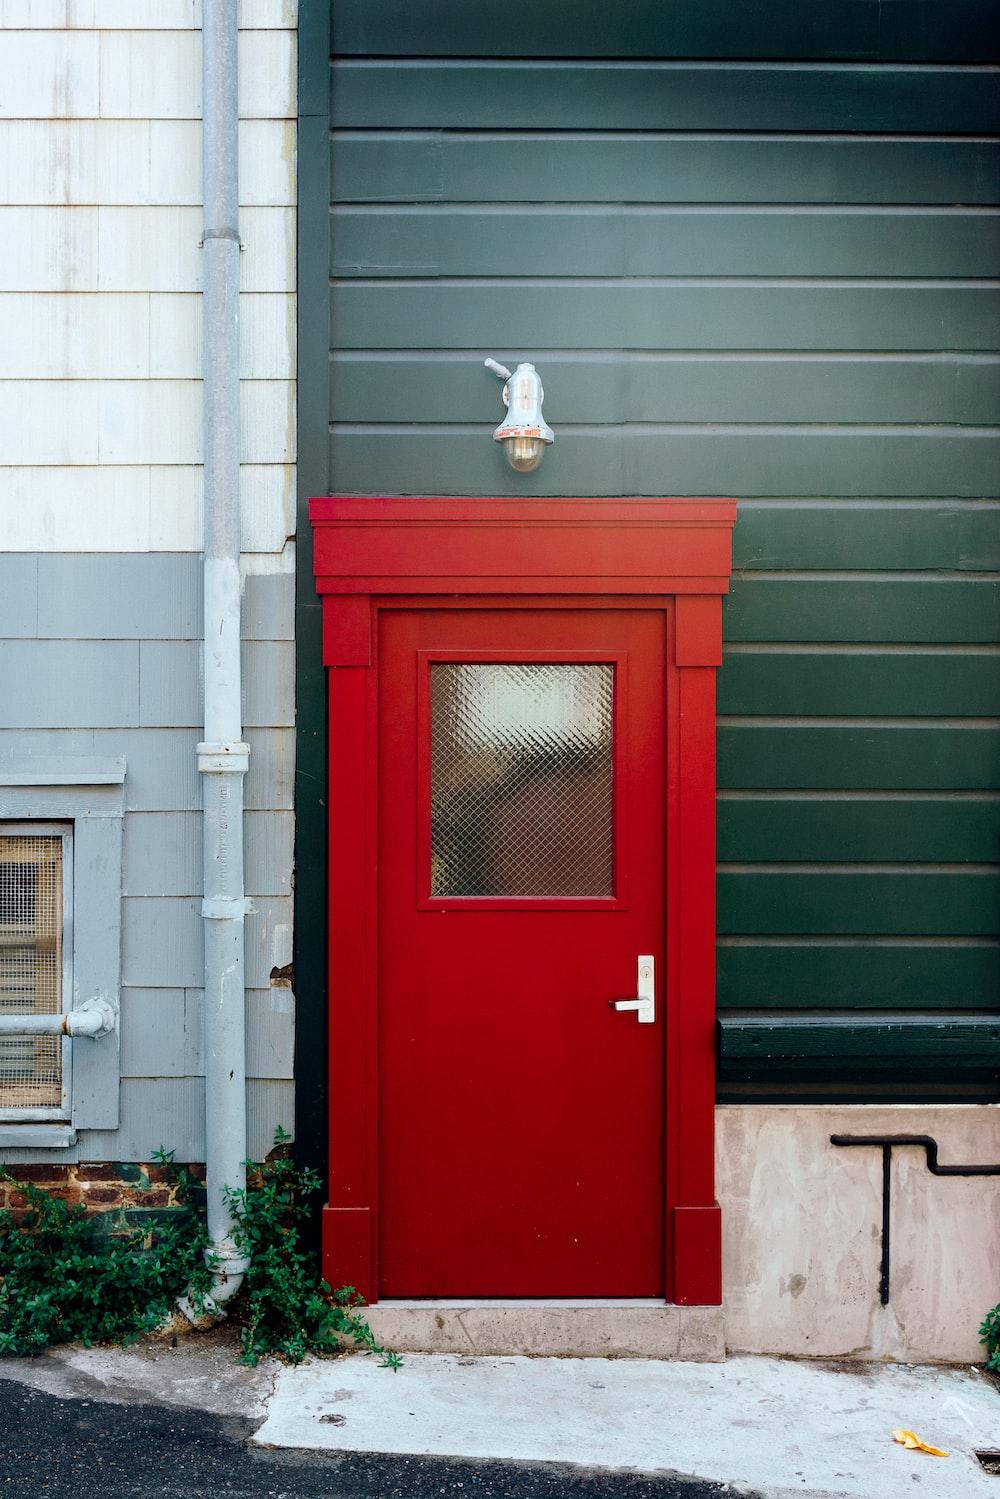 Red Door Photo By Milkov Milkovi On Unsplash